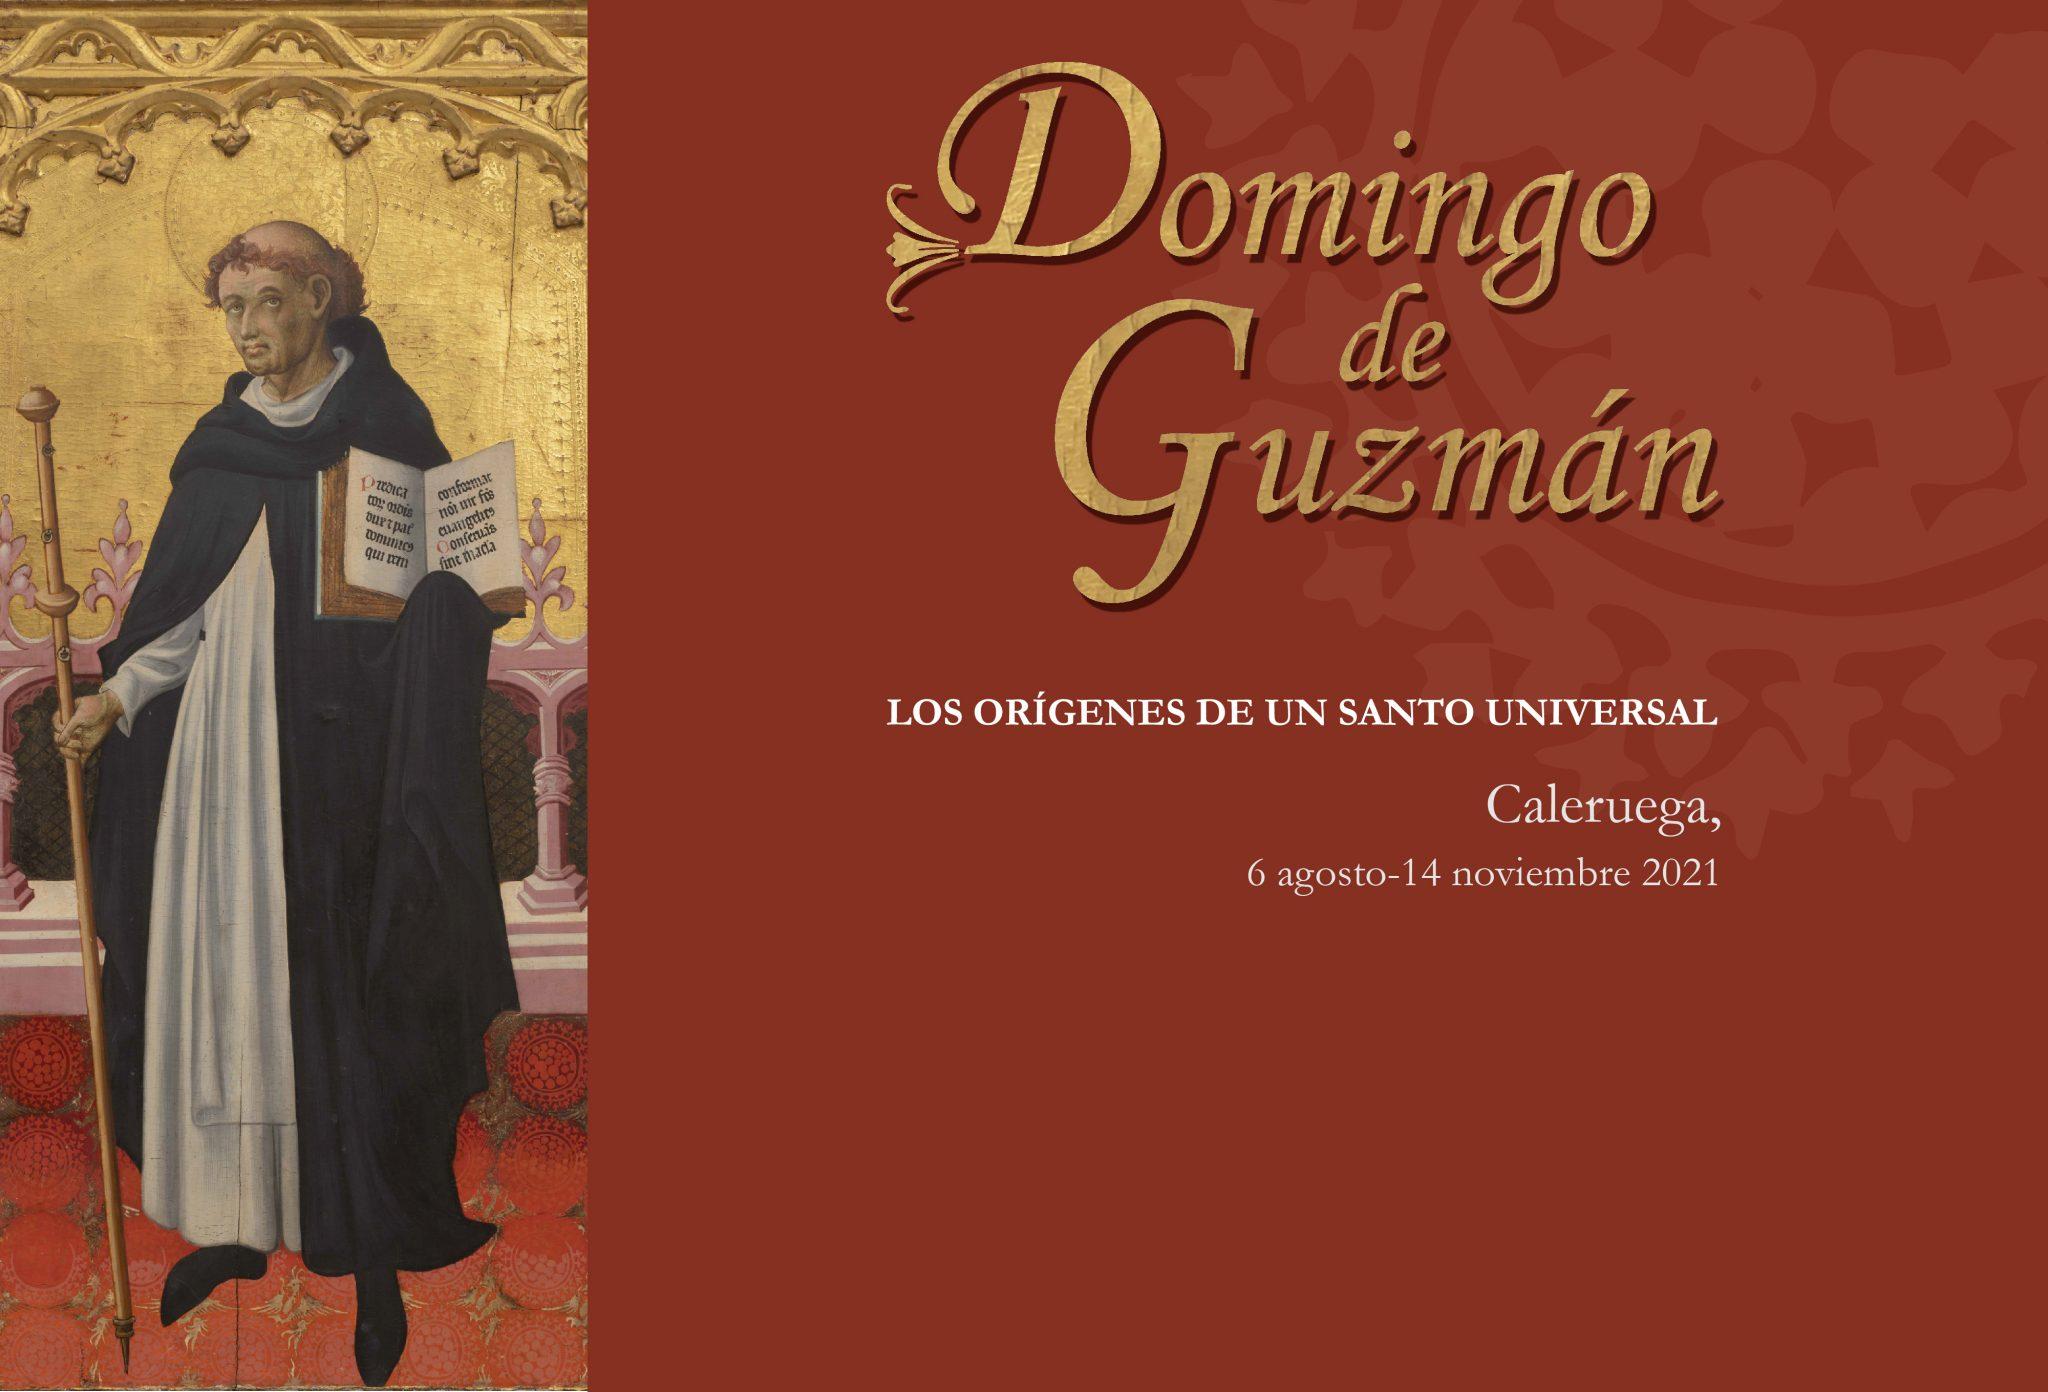 img_web_expo_santo_domingo_de_guzman-01